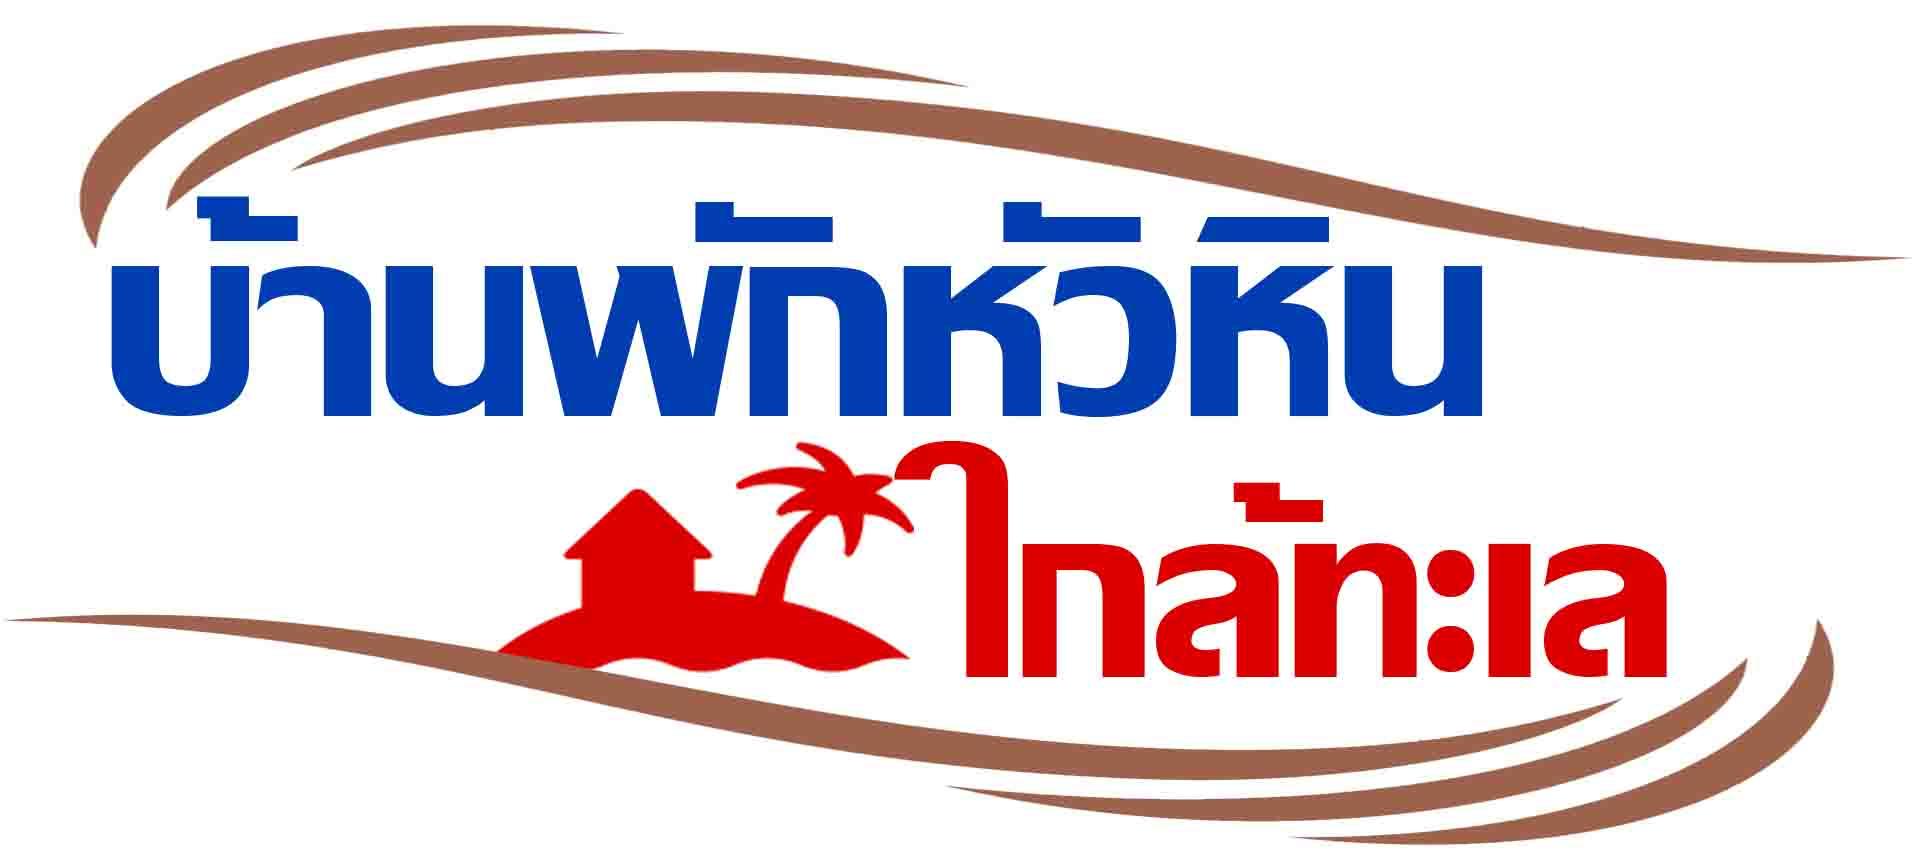 บ้านพักหัวหิน ที่พักหัวหิน บังกะโลหัวหิน www.จองบ้านพักหัวหิน.com บ้านพักหัวหิน 5